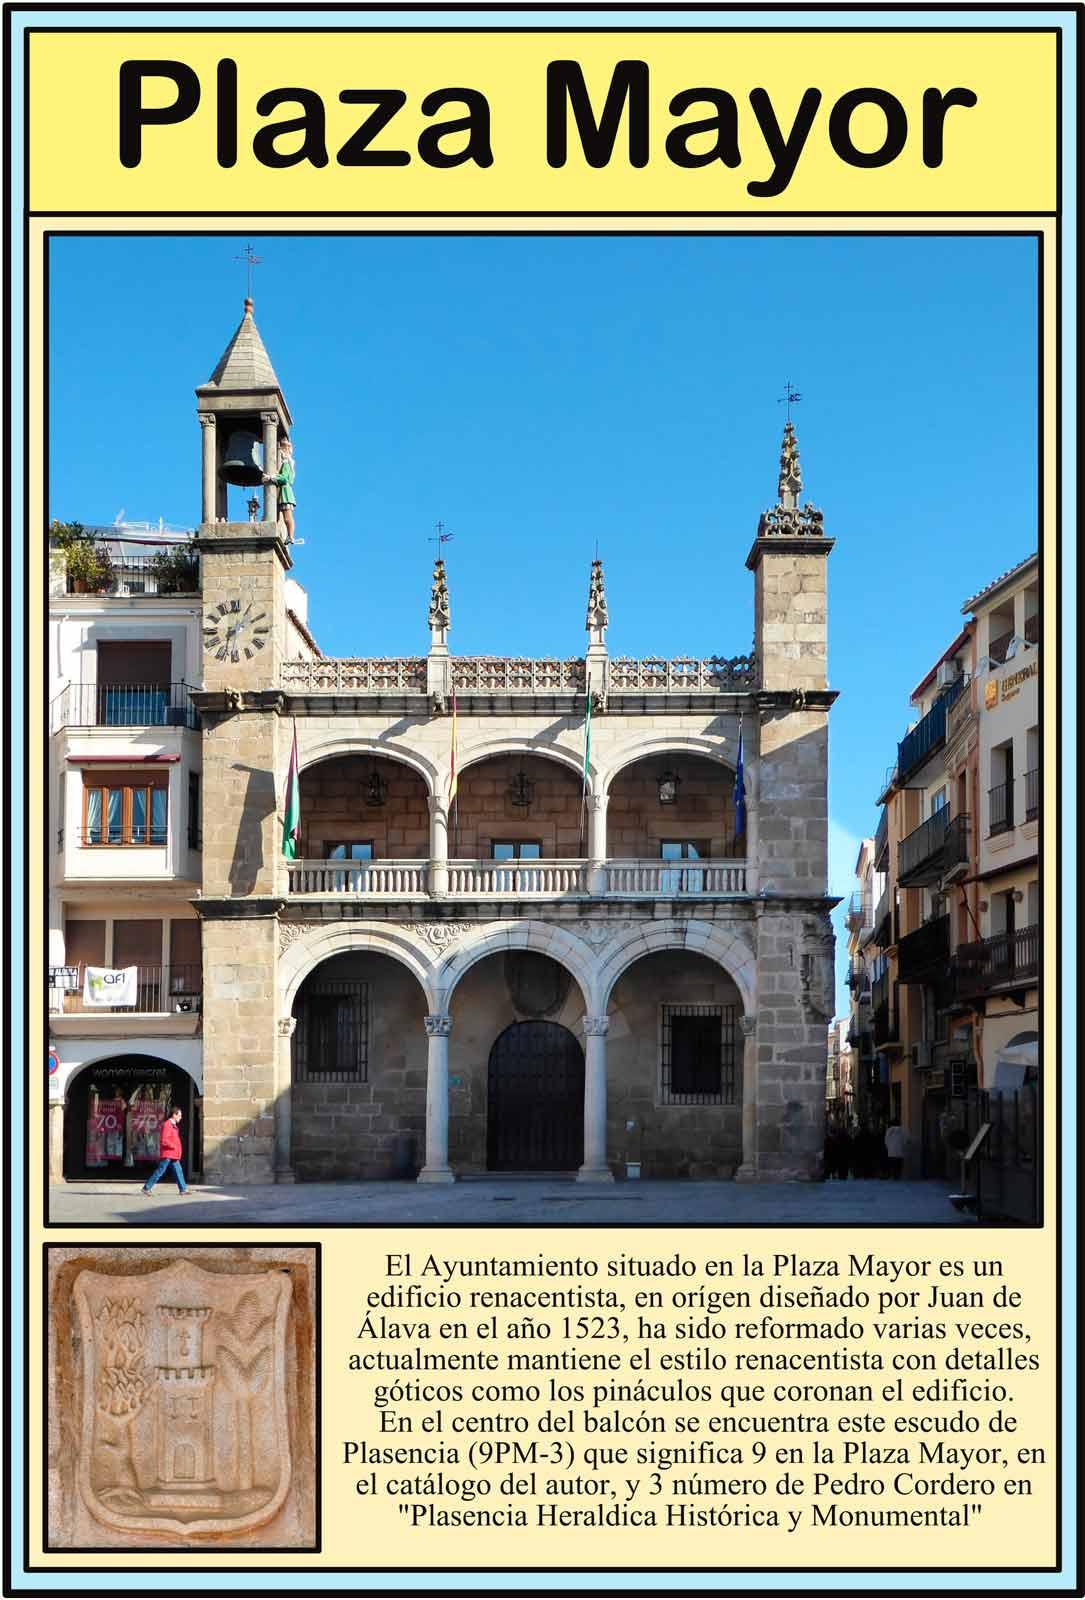 Plasencia Ayuntamiento en la Plaza Mayor